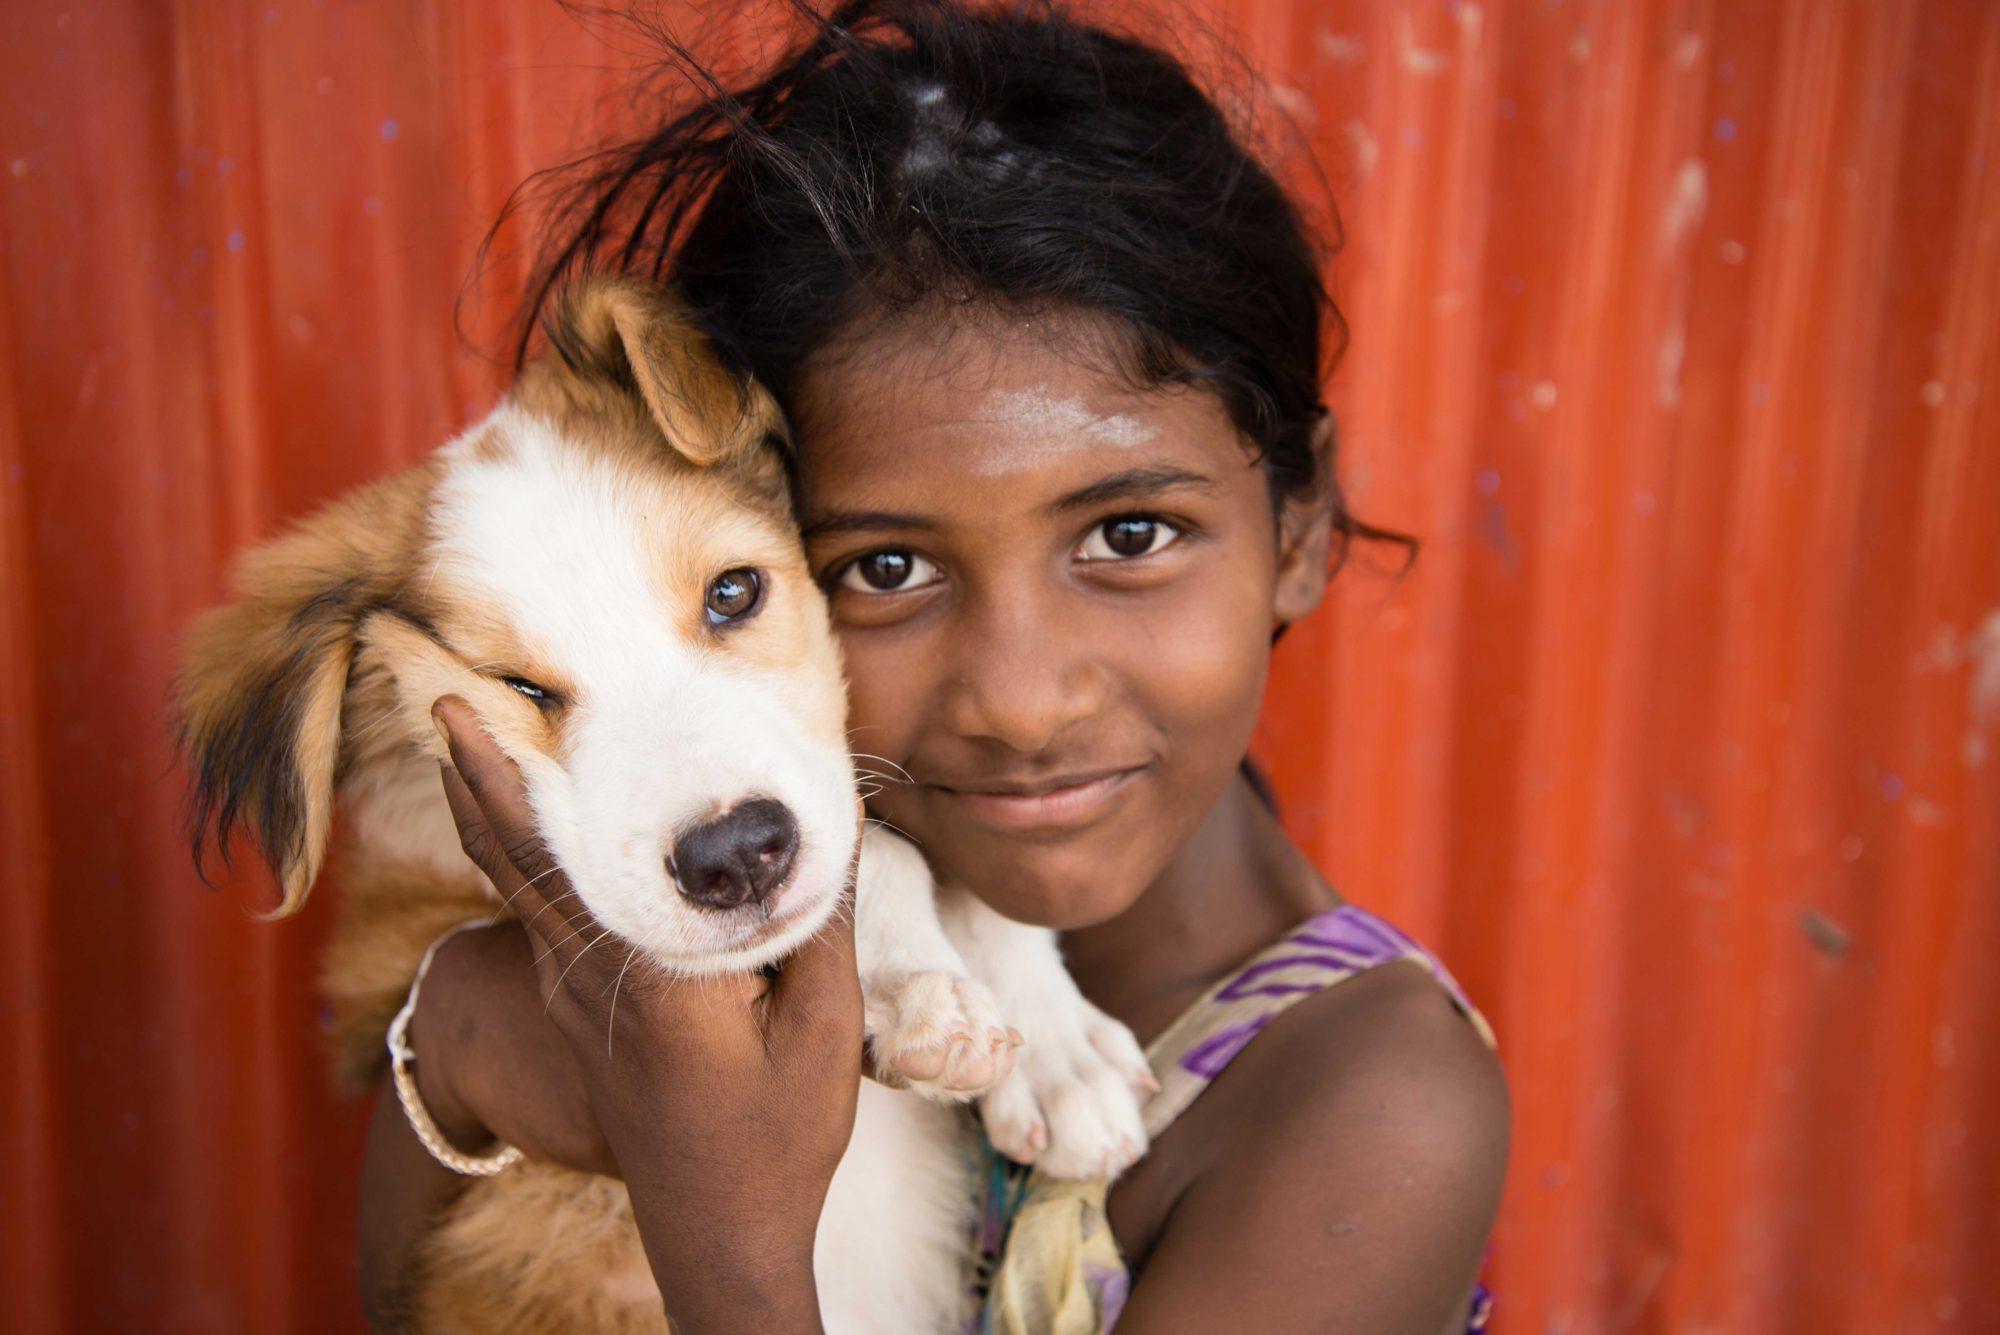 Sourire coloré des bidonvilles